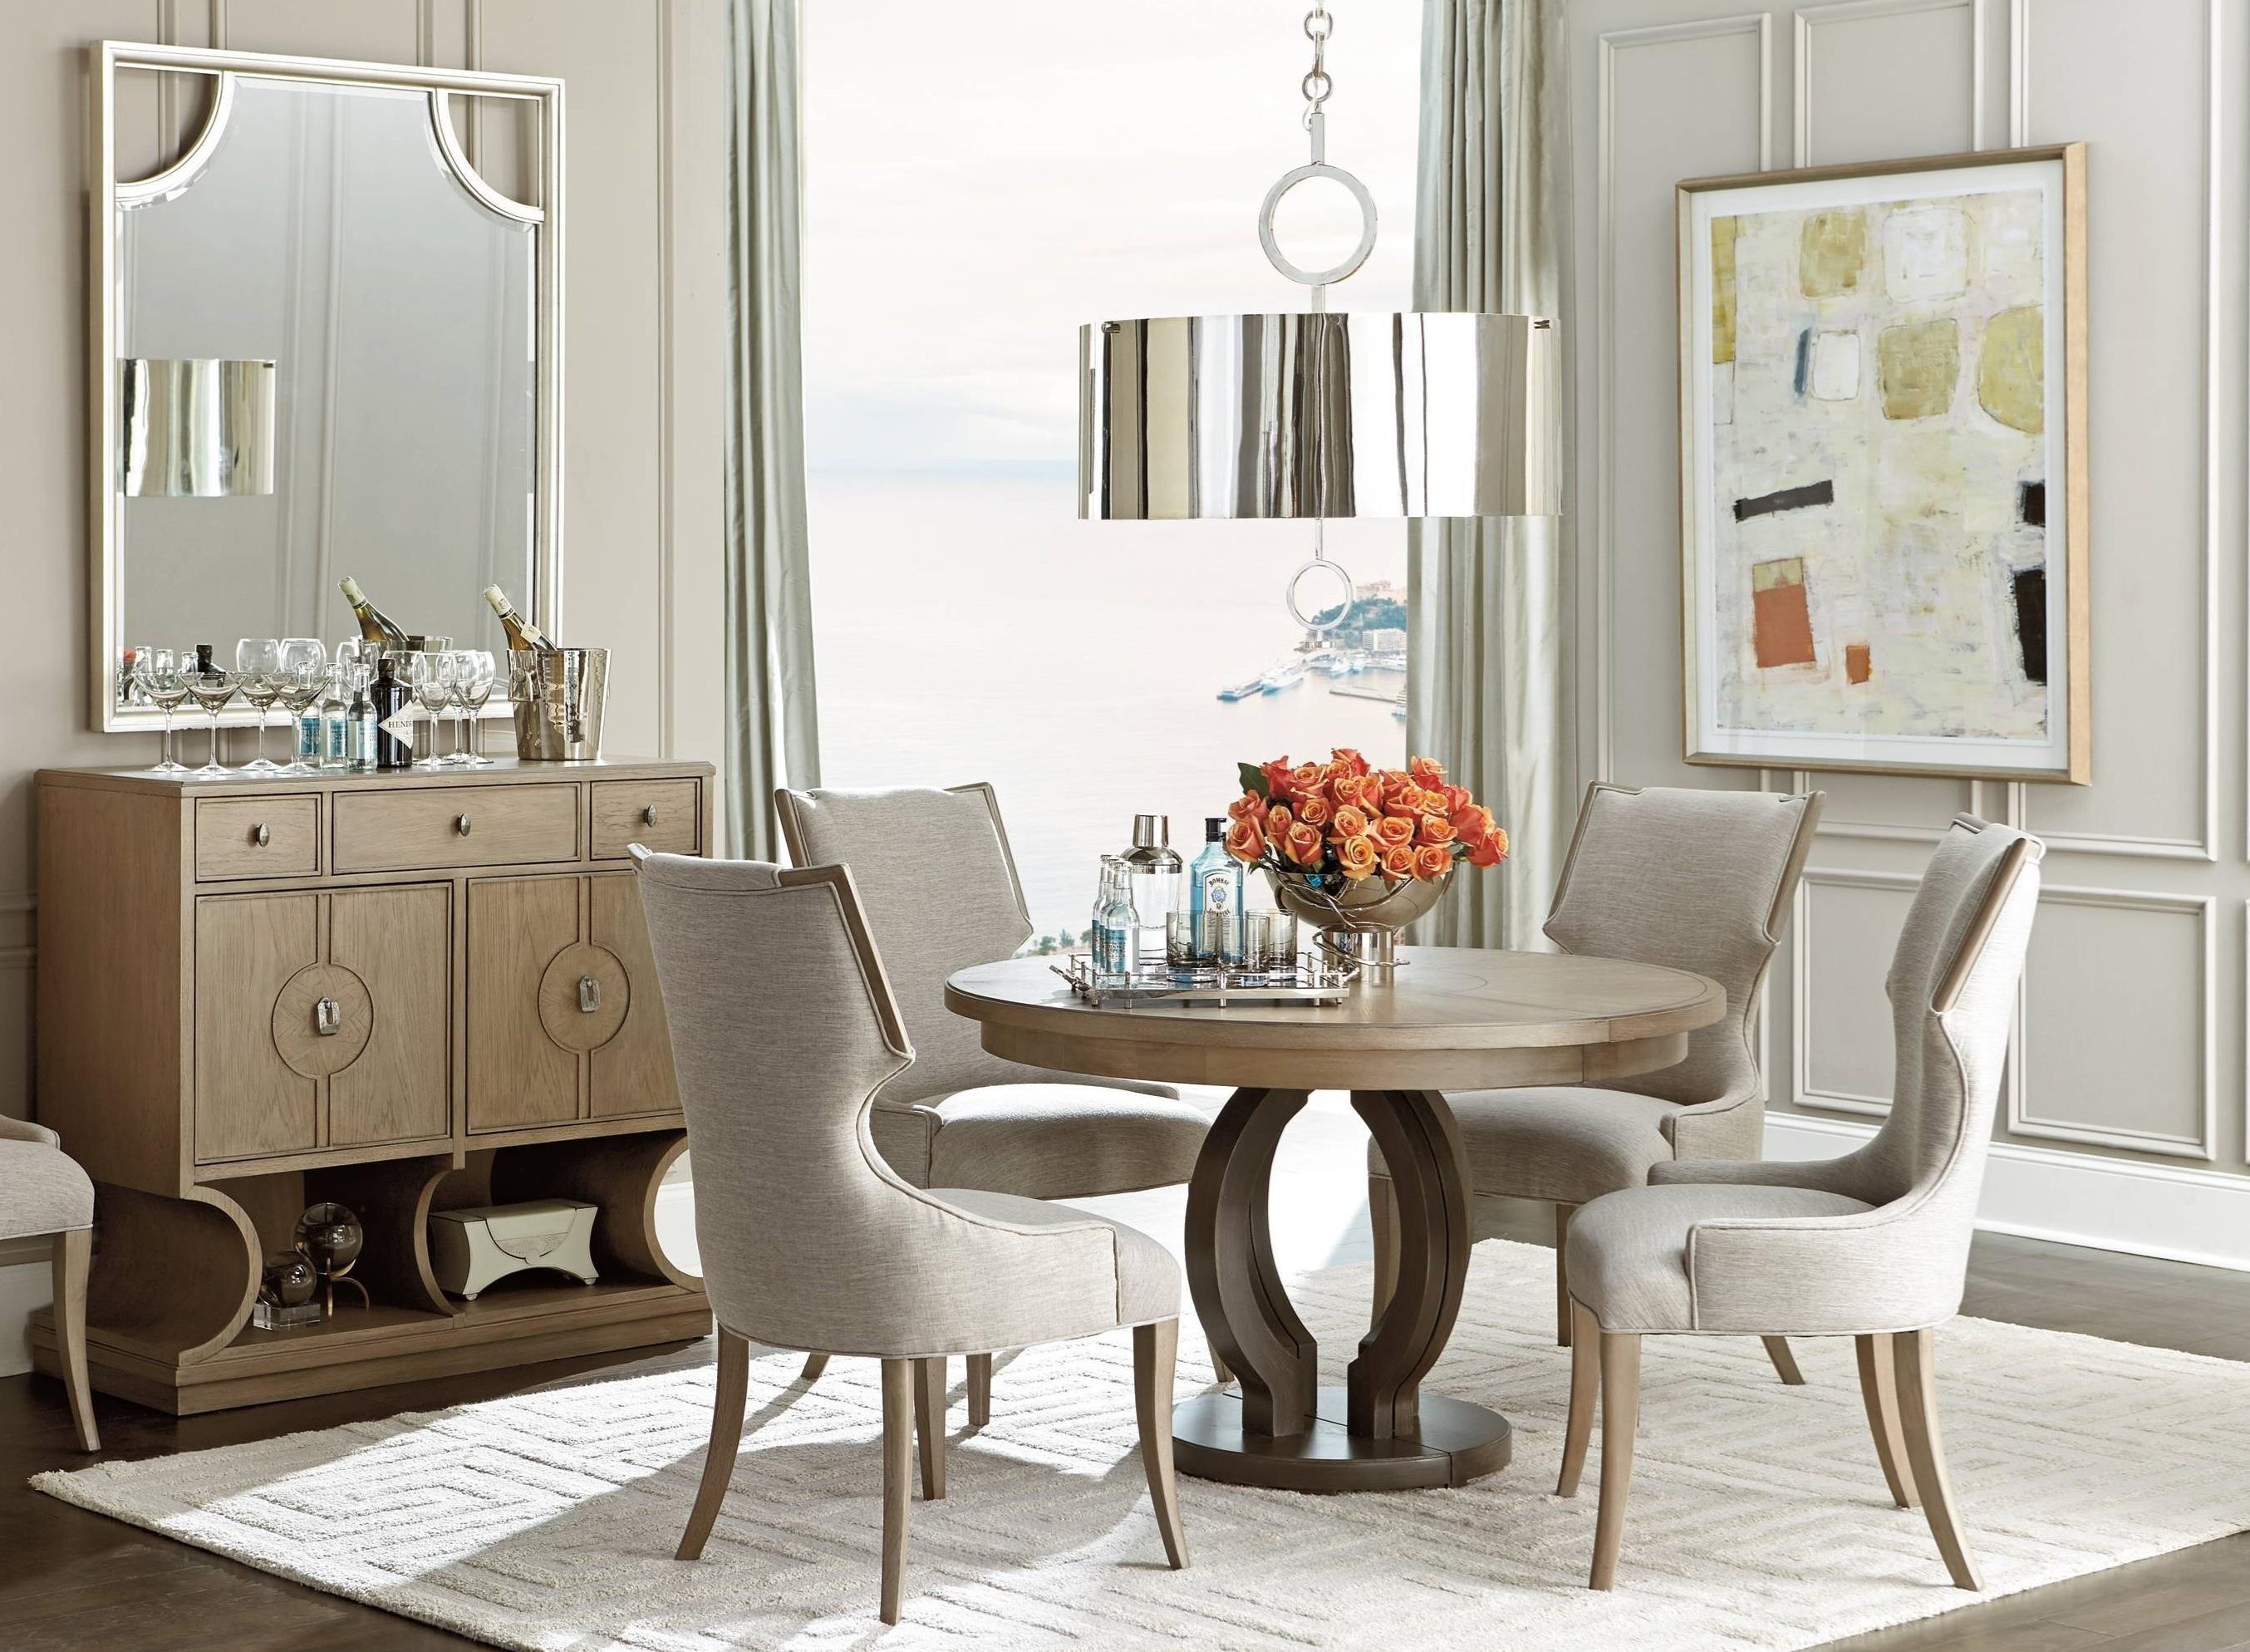 Stanley Furniture Virage Formal Dining Room Group - Item Number: 696-6 Dining Room Group 4